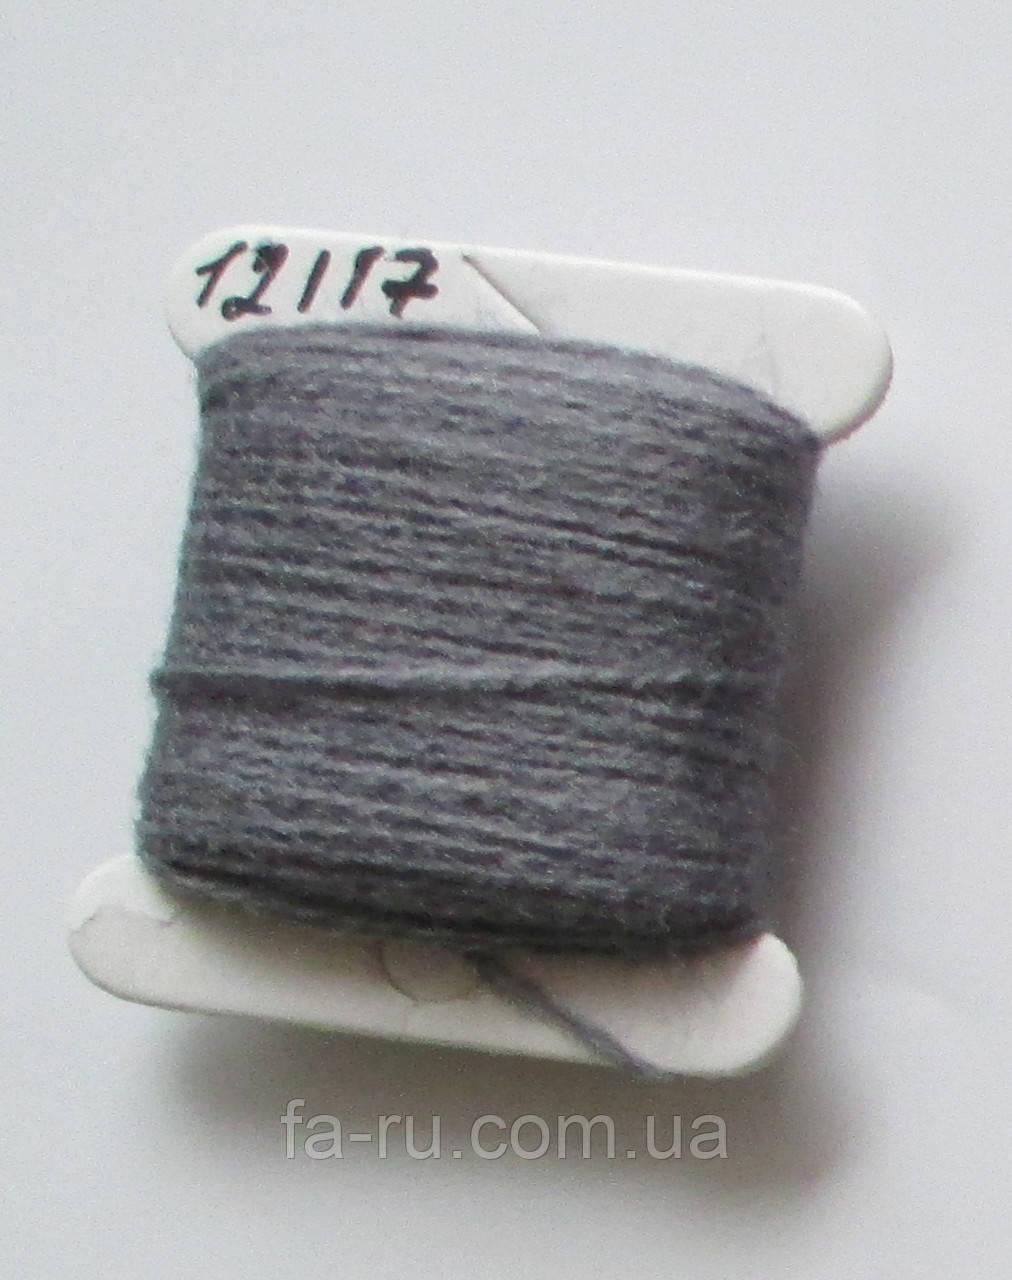 Акрил для вышивки: пепельно-серый